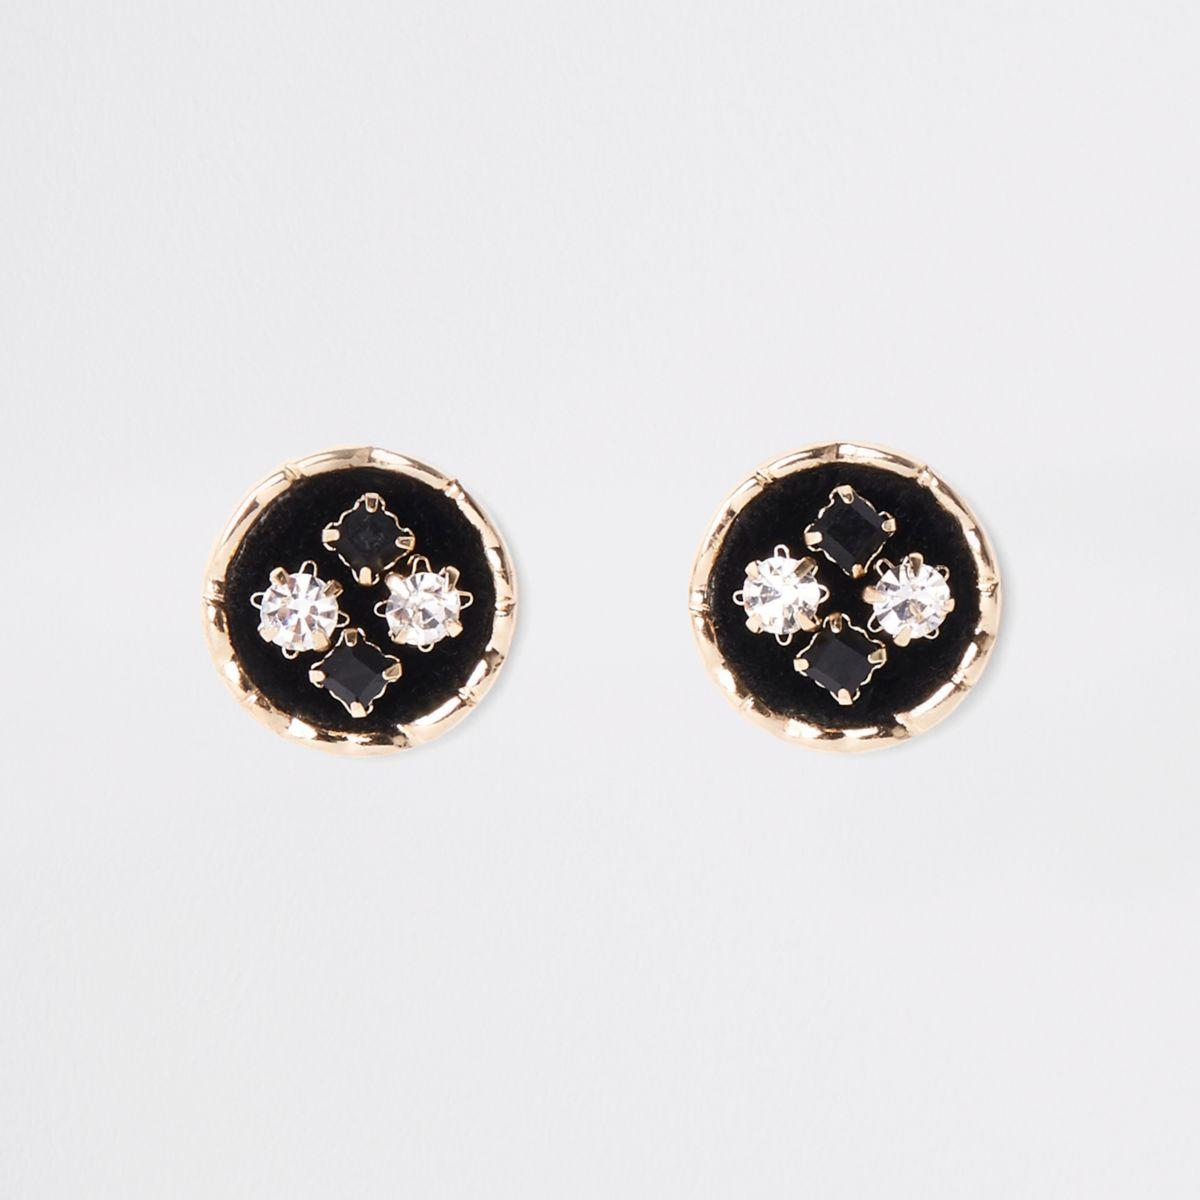 Black velvet embellished circle stud earrings